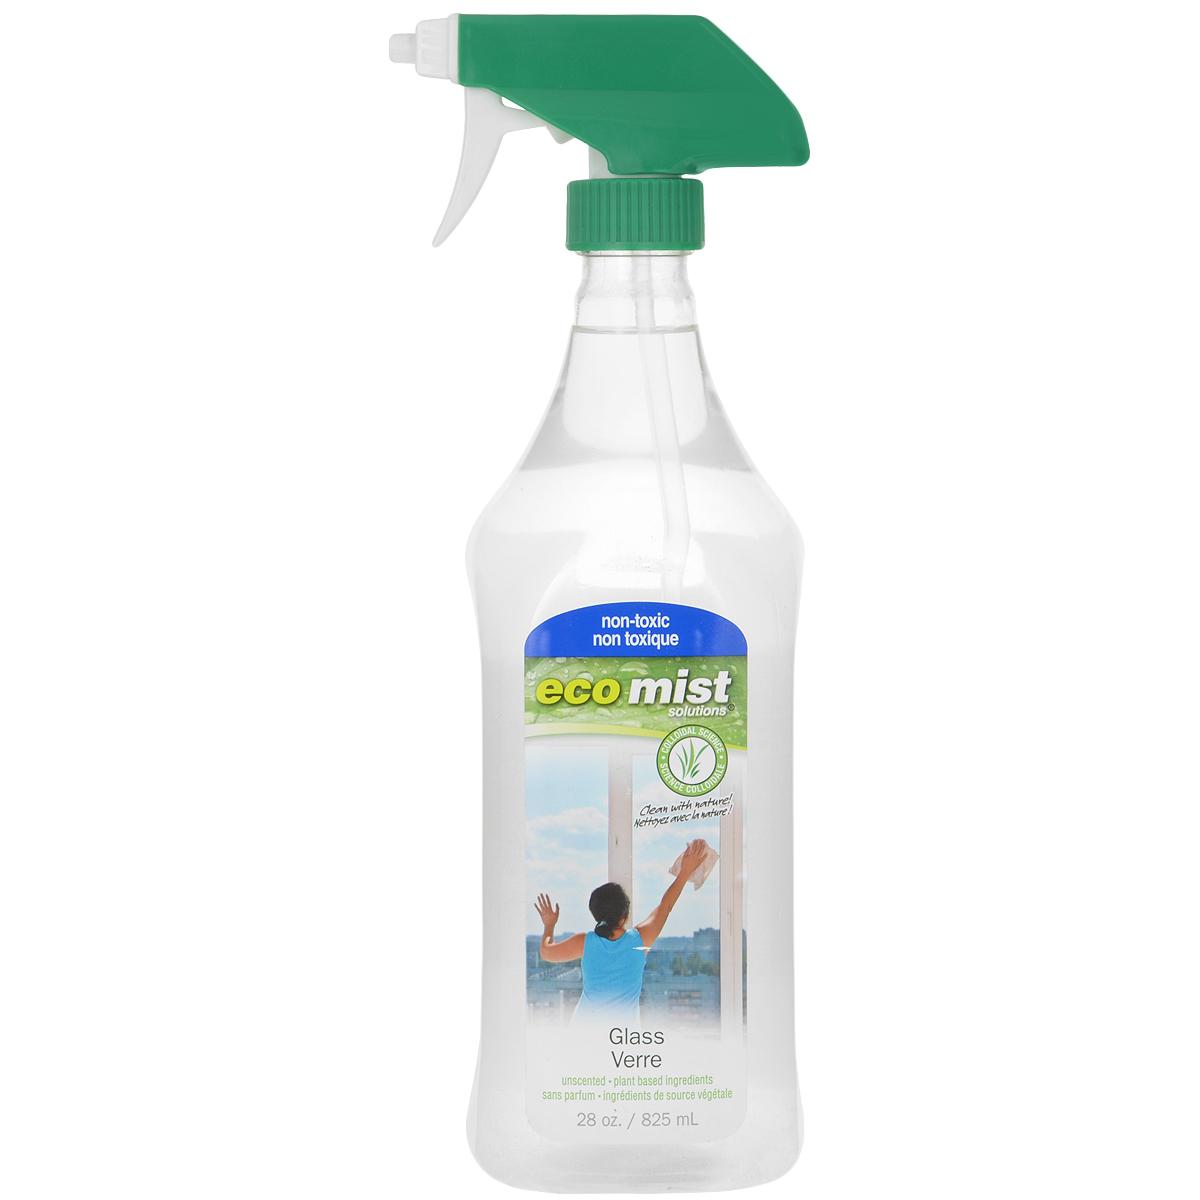 Средство для мытья стекол Eco Mist, 825 млMW-3101Моющее средство Eco Mist, не оставляющее разводов! Используется для мойки окон, зеркал и других стеклянных поверхностей. Может быть также использовано для очистки хромированных и металлических предметов. Средство идеально подходит для людей с чувствительной кожей. Не токсично. Без запаха. Идеальное средство для зеркал, автомобильного стекла и пластиковыхпанелей. Состав: дехлорированная вода, сахарный тростник, переработанный экстракт кокоса.